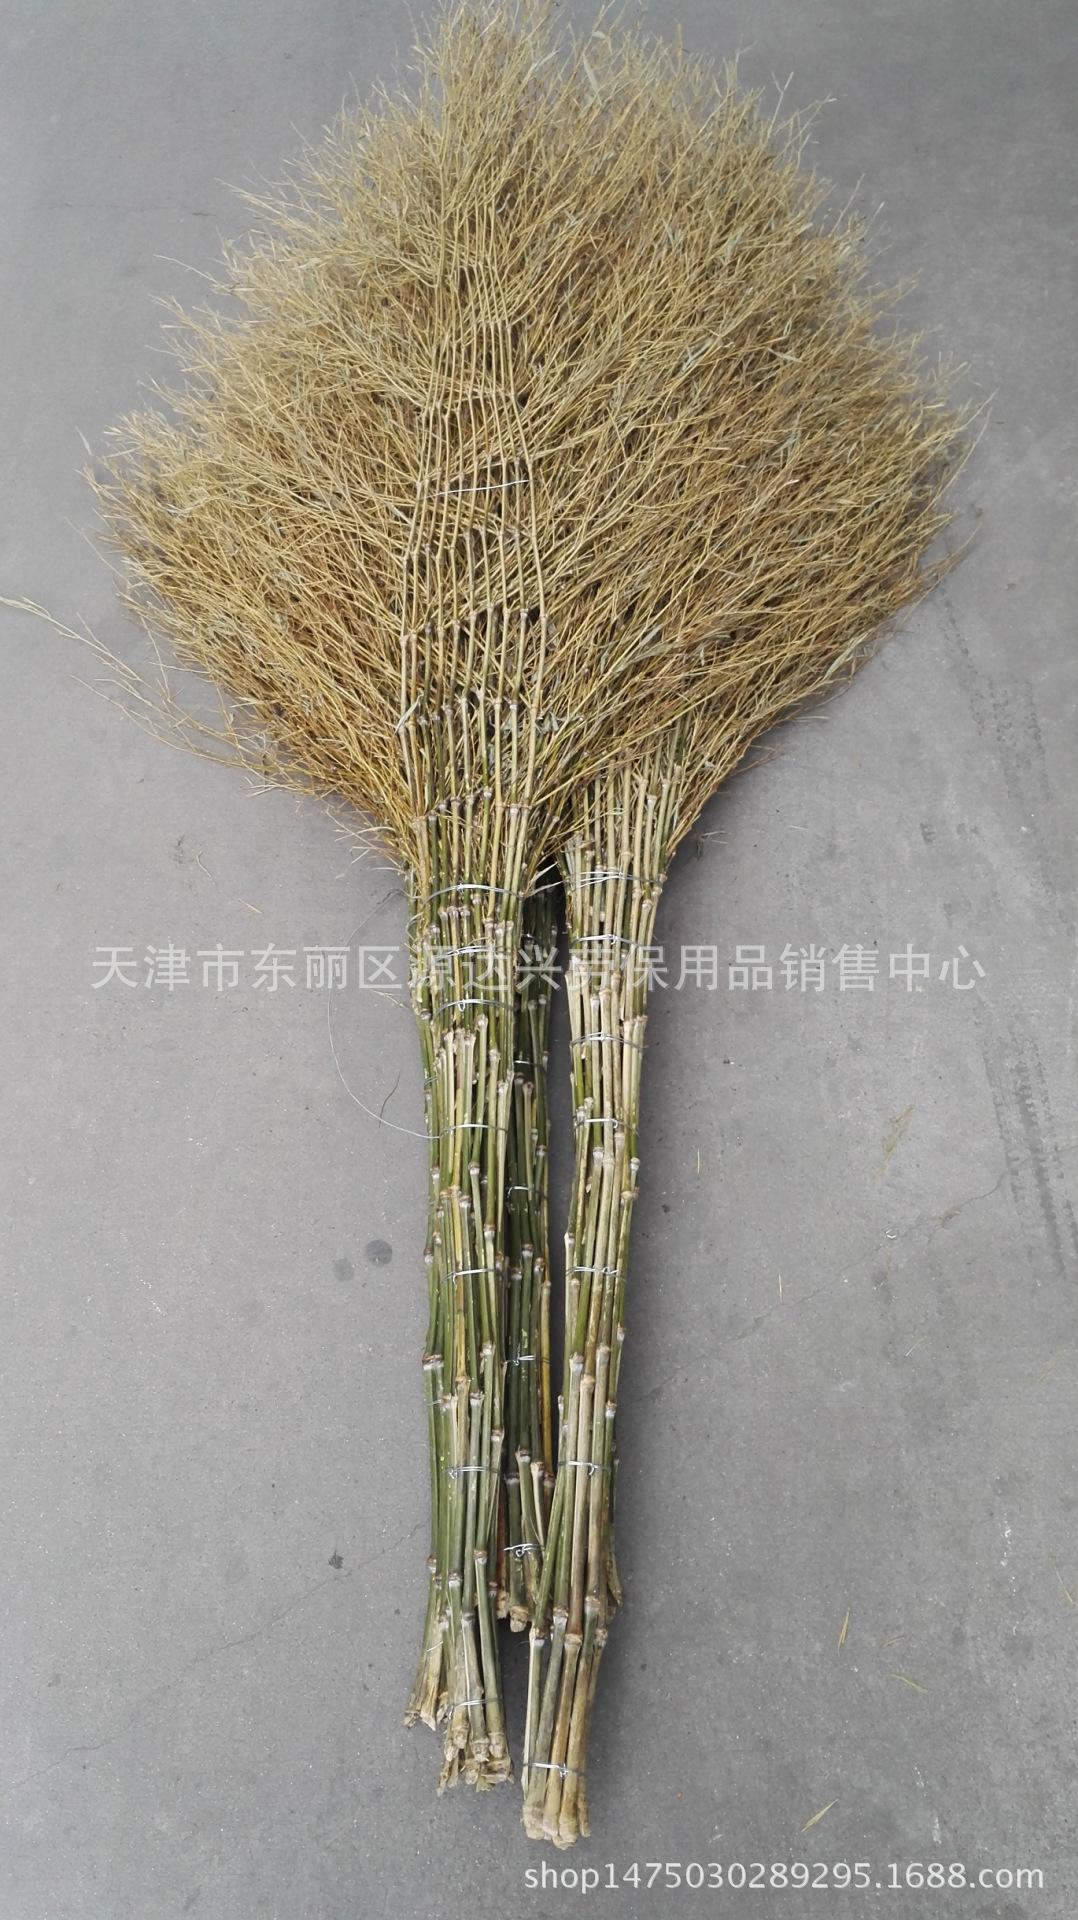 环卫物业清洁专用纯金枝竹子大扫把 保洁大扫帚 无叶净苗扫把